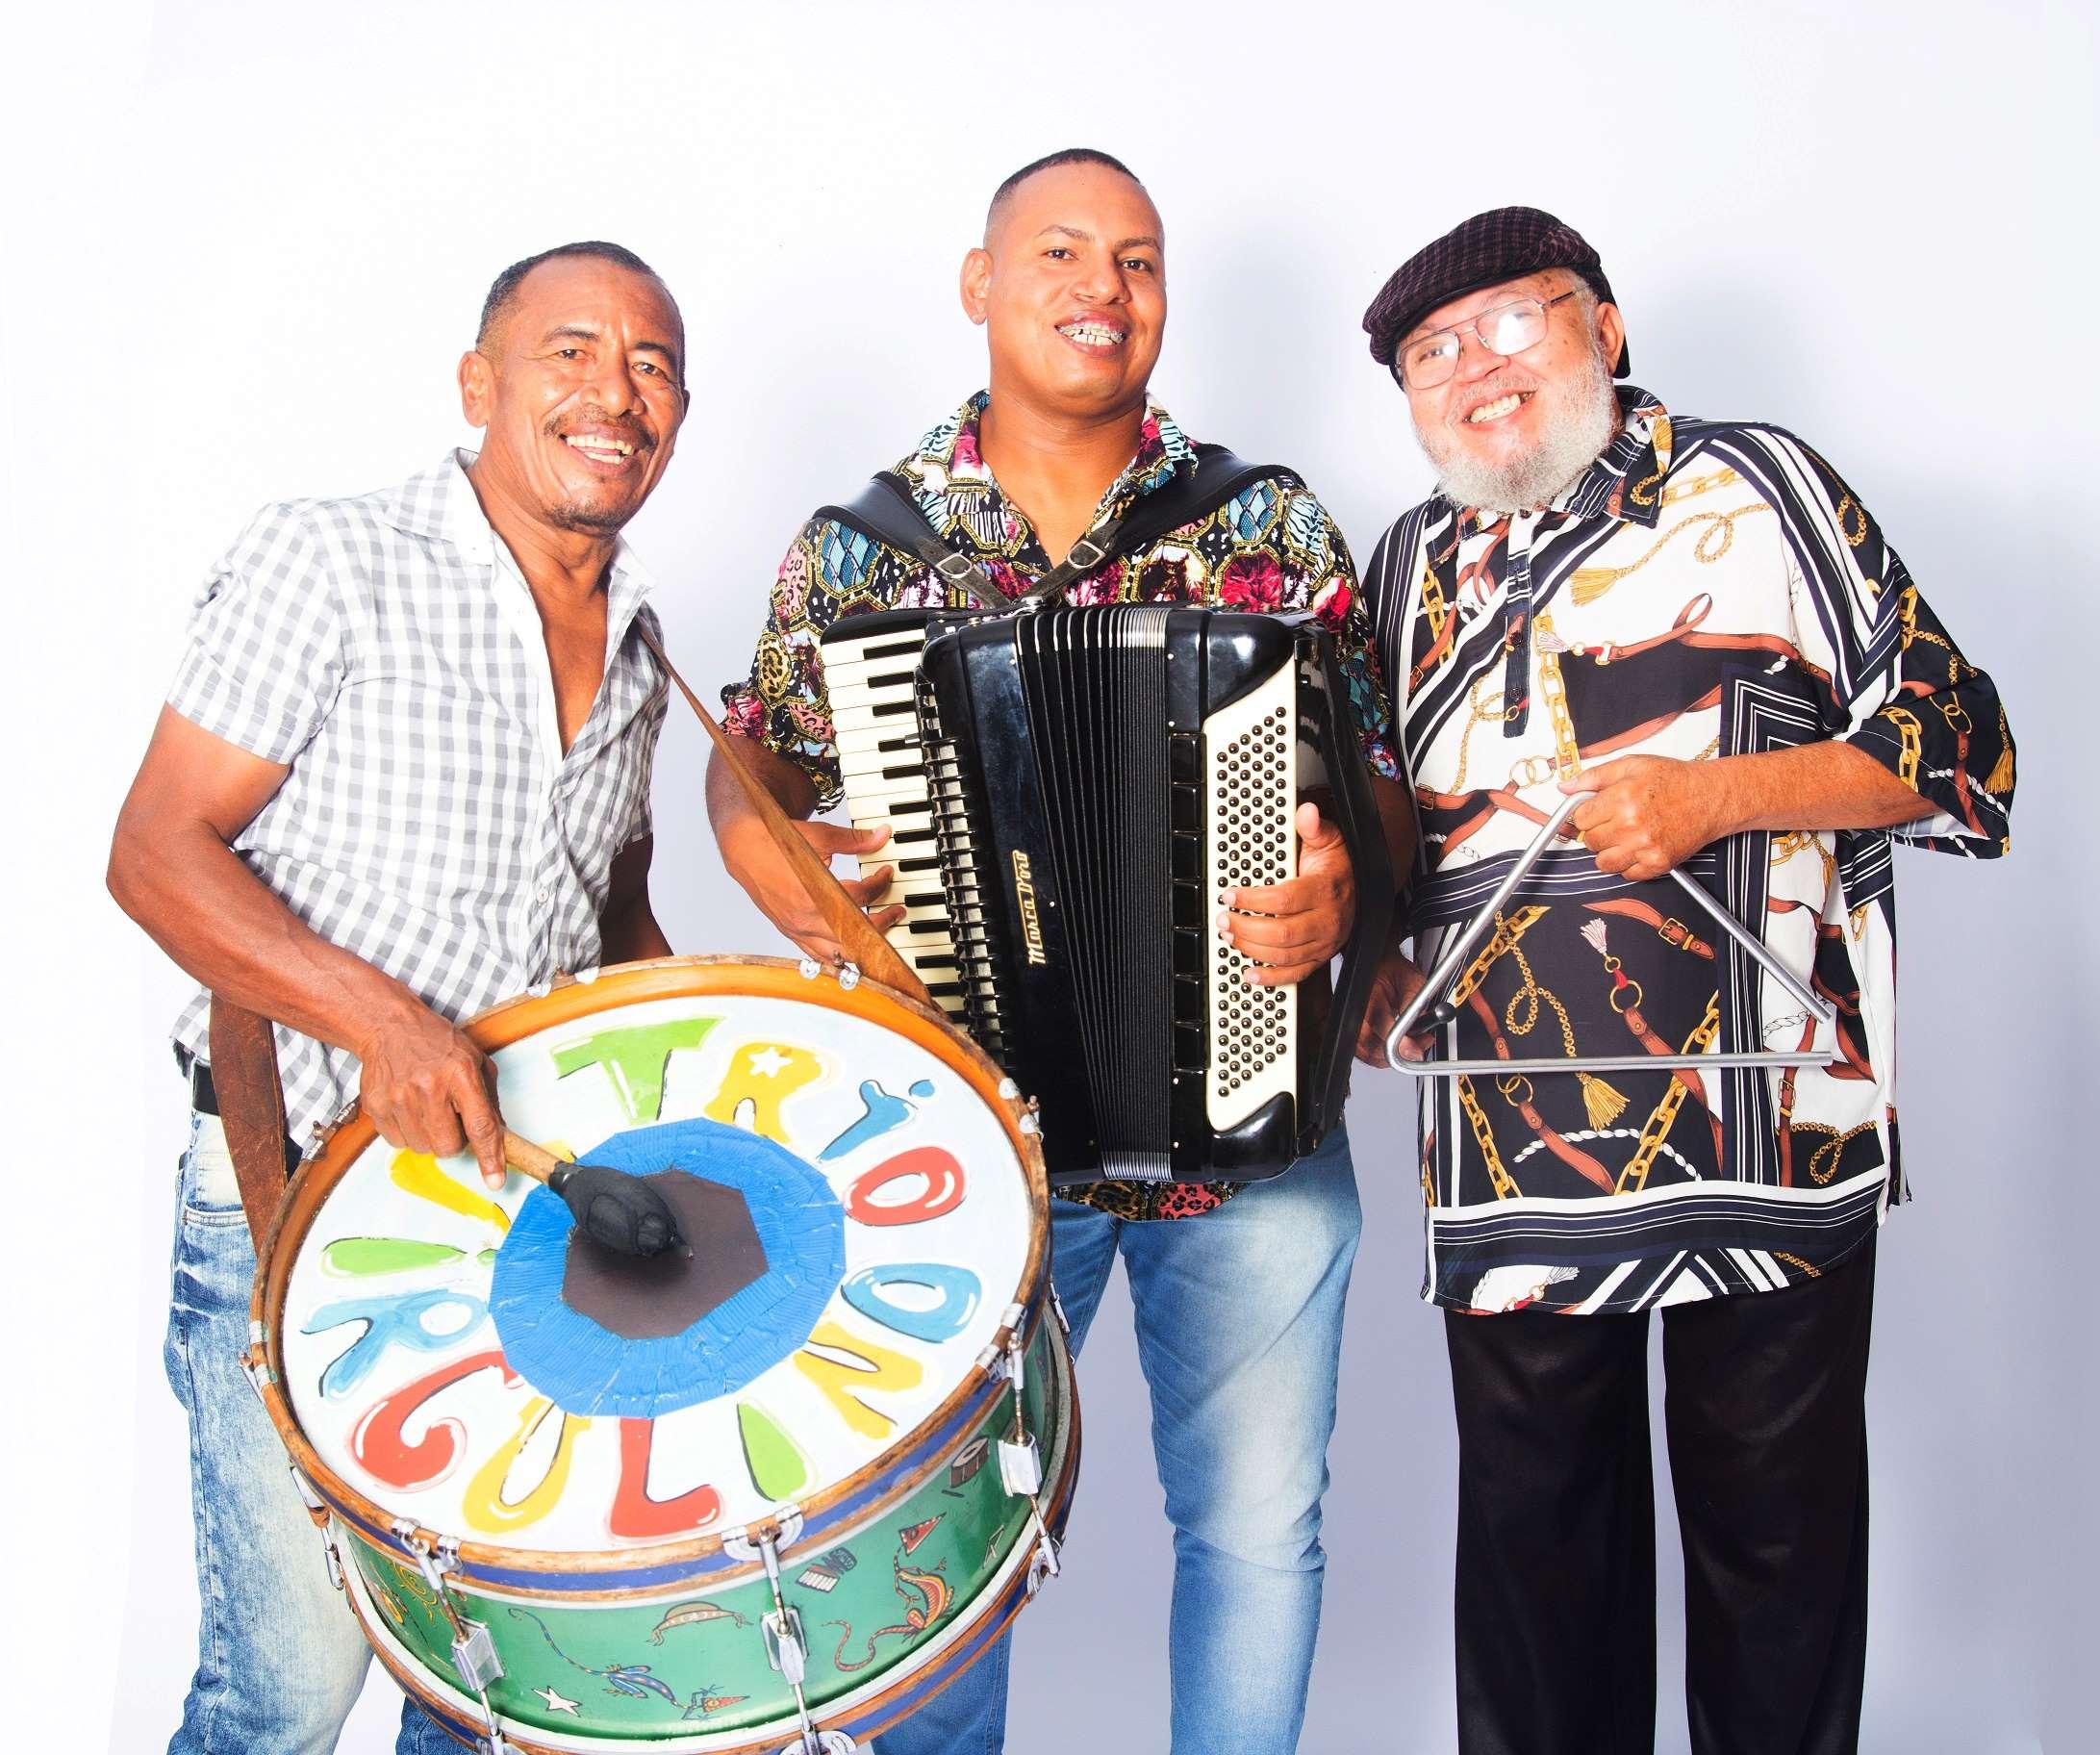 Aparecida Sertaneja destaca o forró com Gabriela Mendes, Trio Virgulino e Cezzinha 41